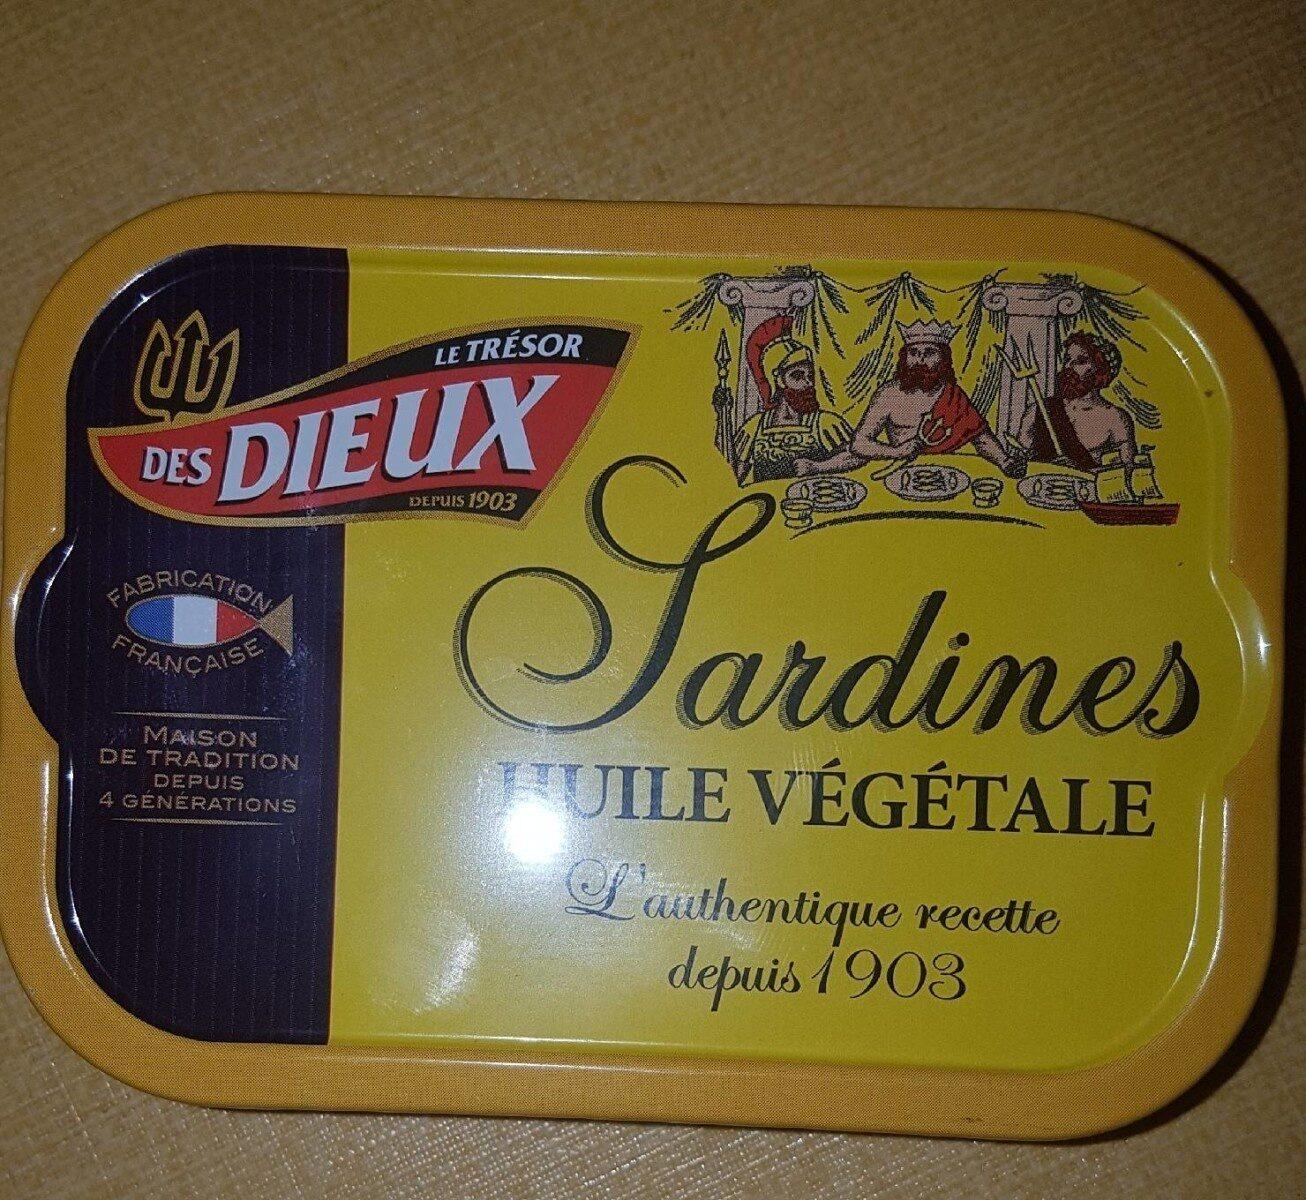 Sardines Huile Végétale - Product - fr